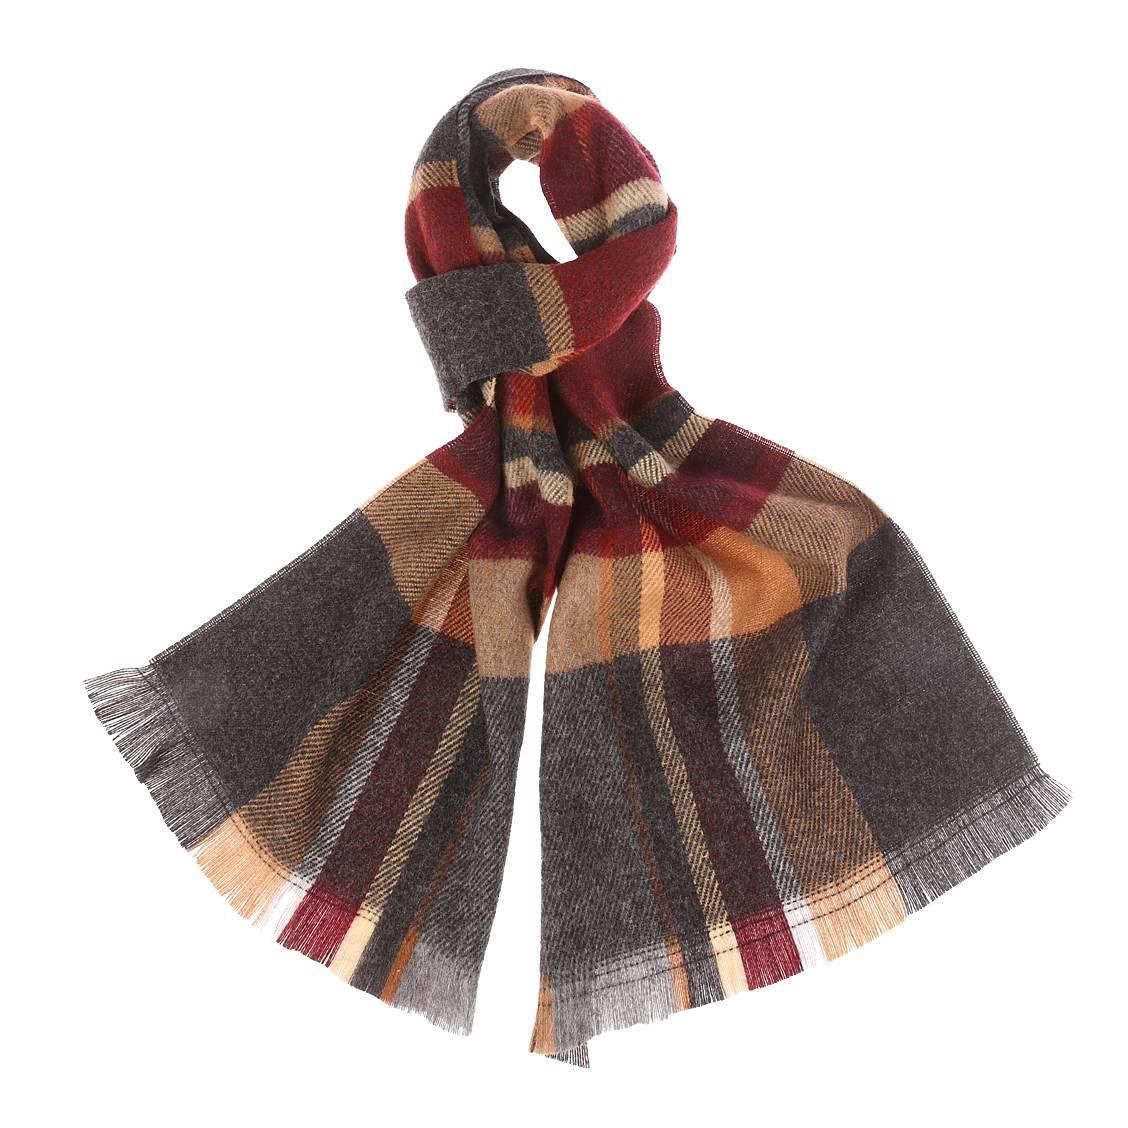 Écharpe à carreaux bordeaux, gris et camel